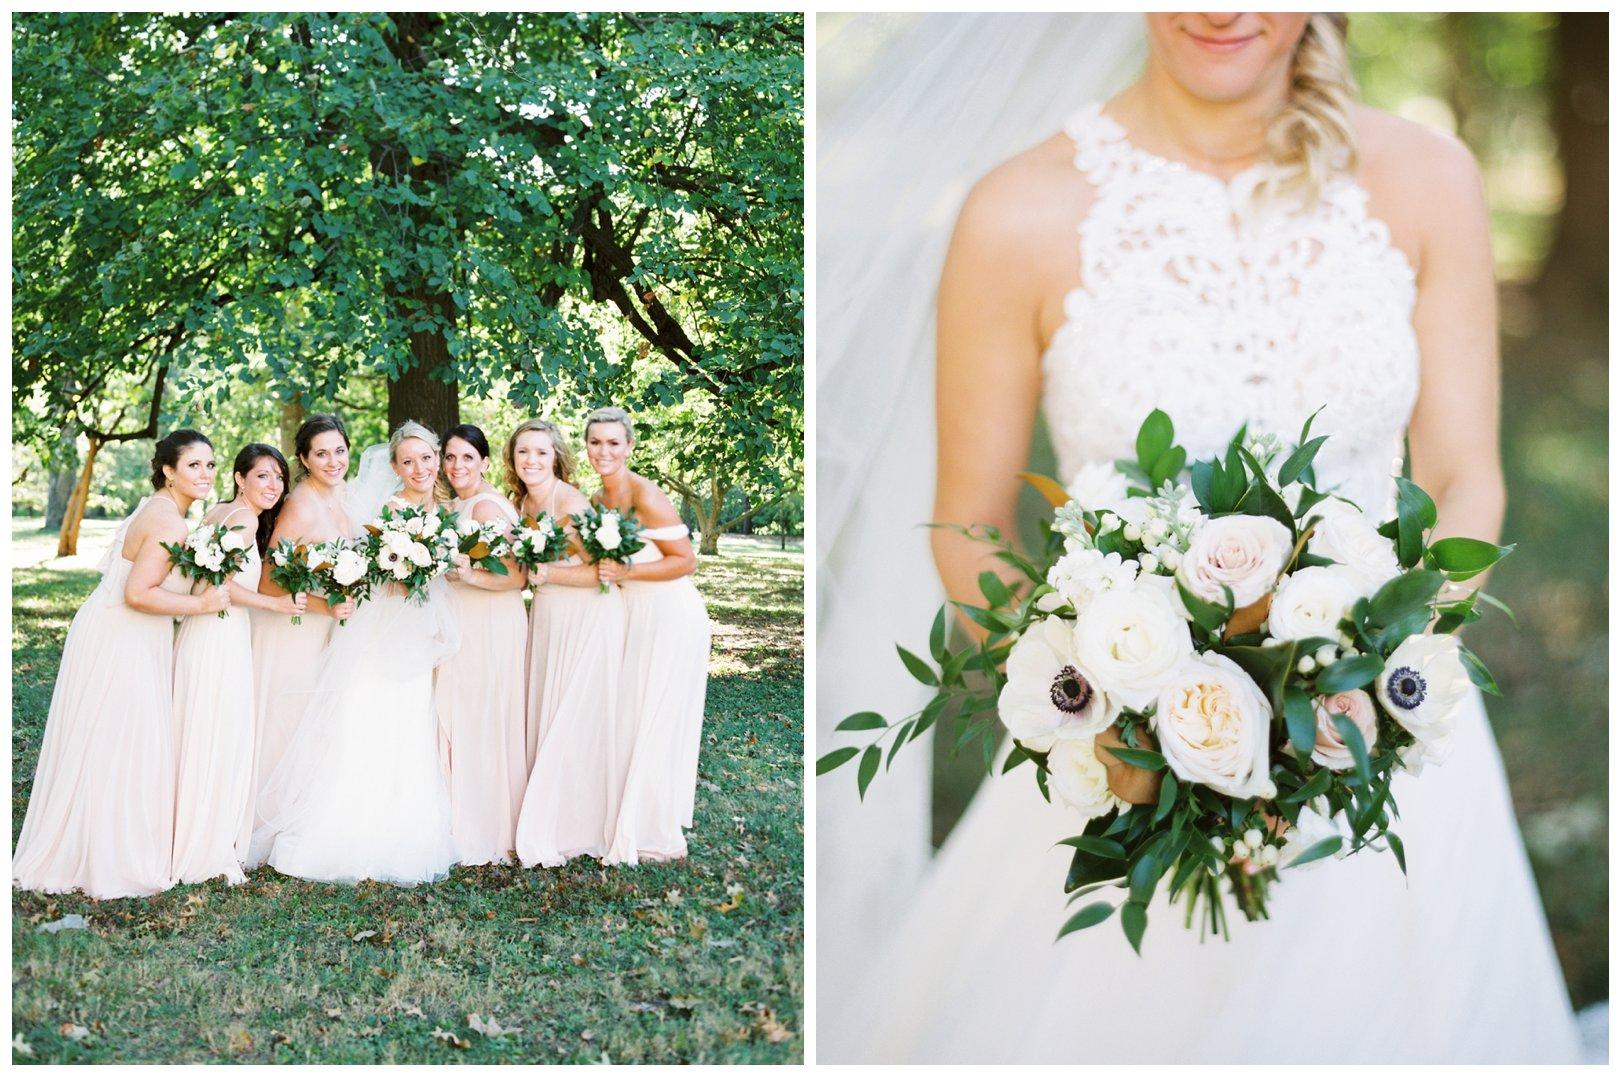 lauren muckler photography_fine art film wedding photography_st louis_photography_2429.jpg